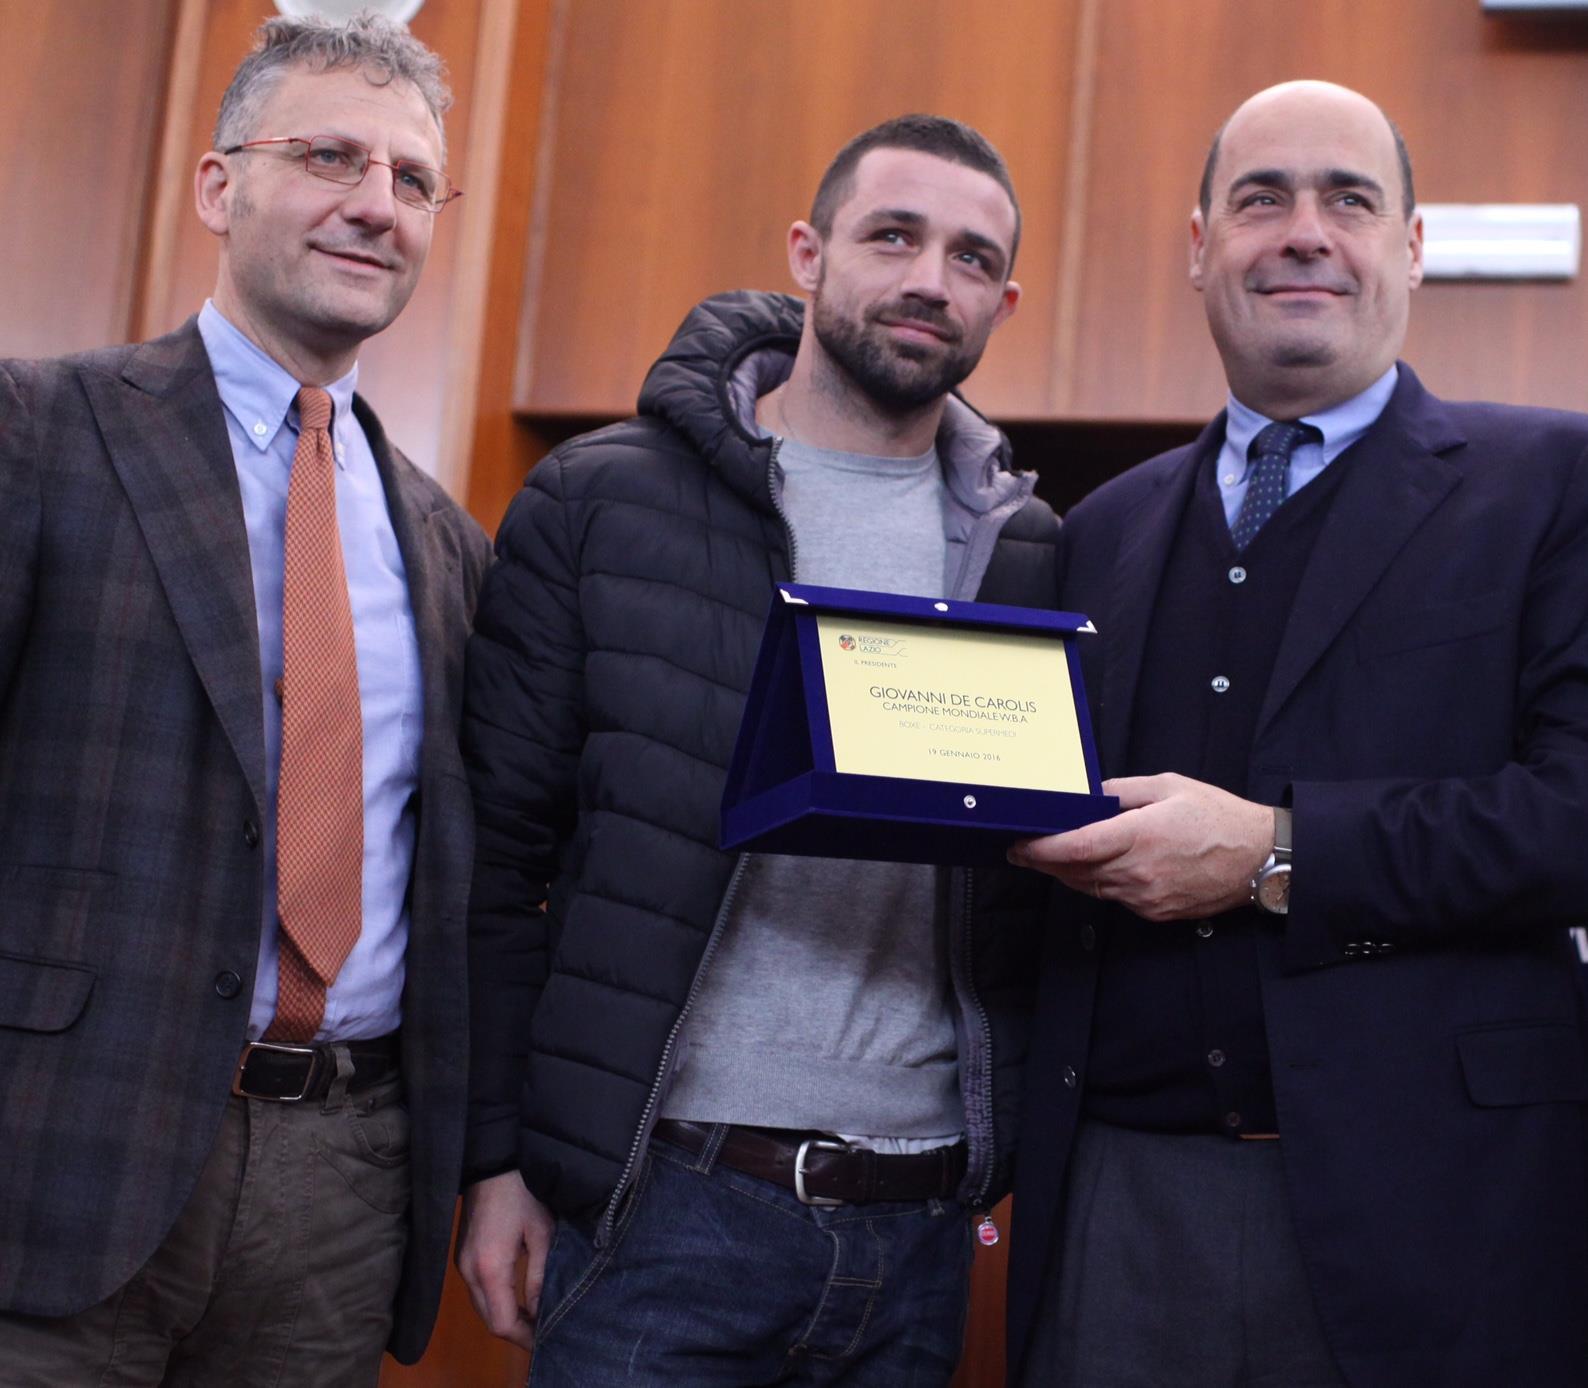 Pugilato, la Regione Lazio premia il neocampione del mondo De Carolis